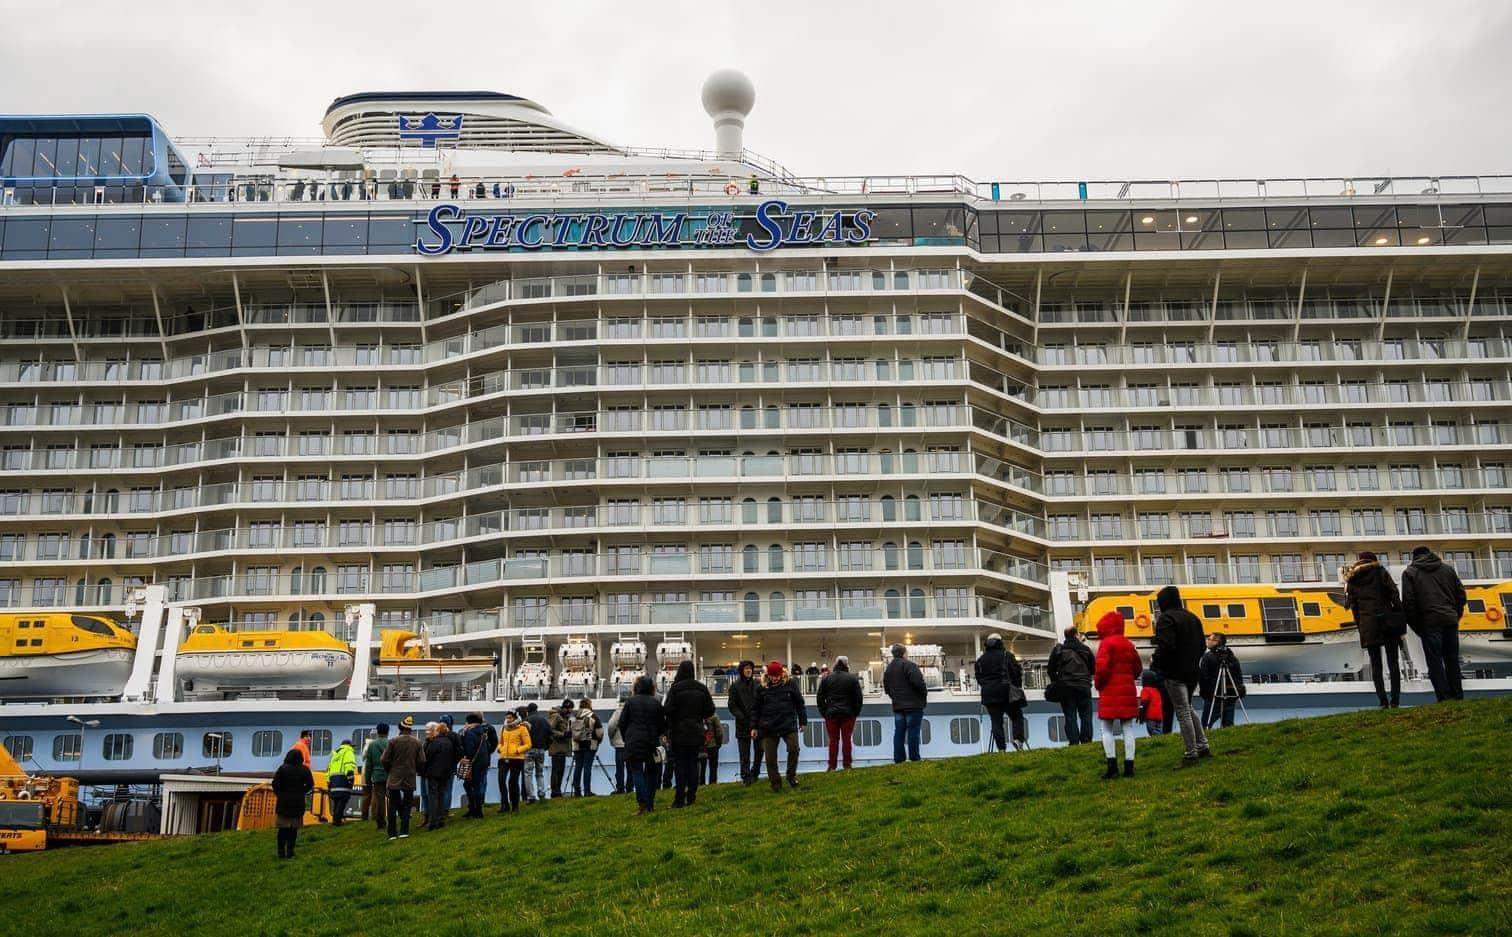 dass sich viele Anwohner das Spektakel nicht entgehen lassen wollten.</p> Foto: dpa/Christophe Gateau